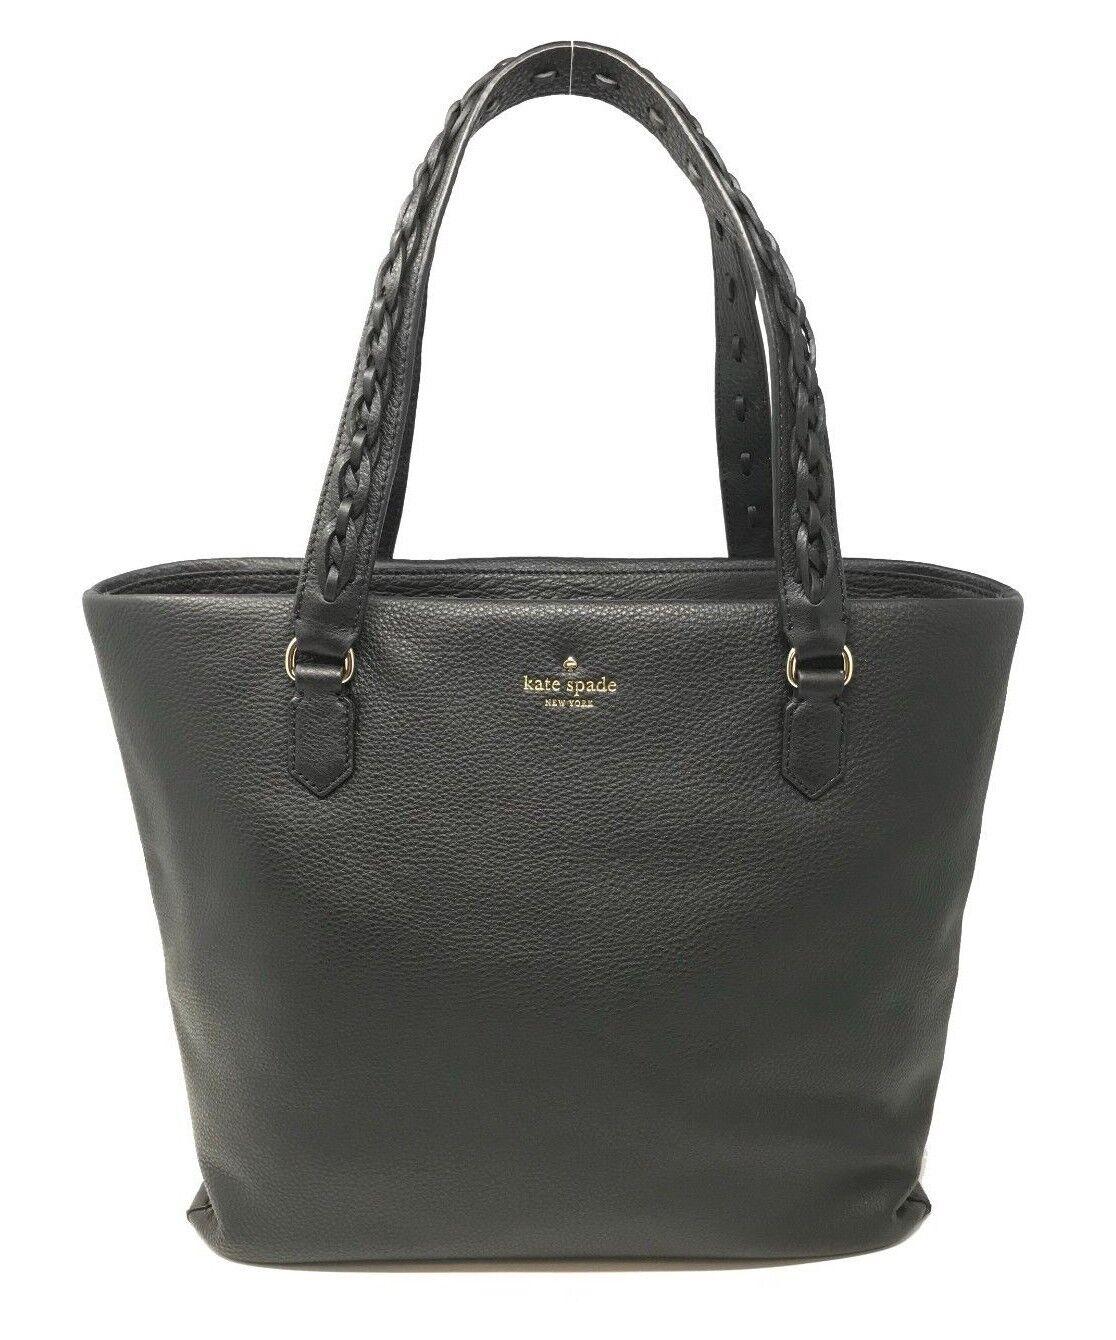 Kate Spade Forrest Road Jasmeen Black Pebble Leather Bag